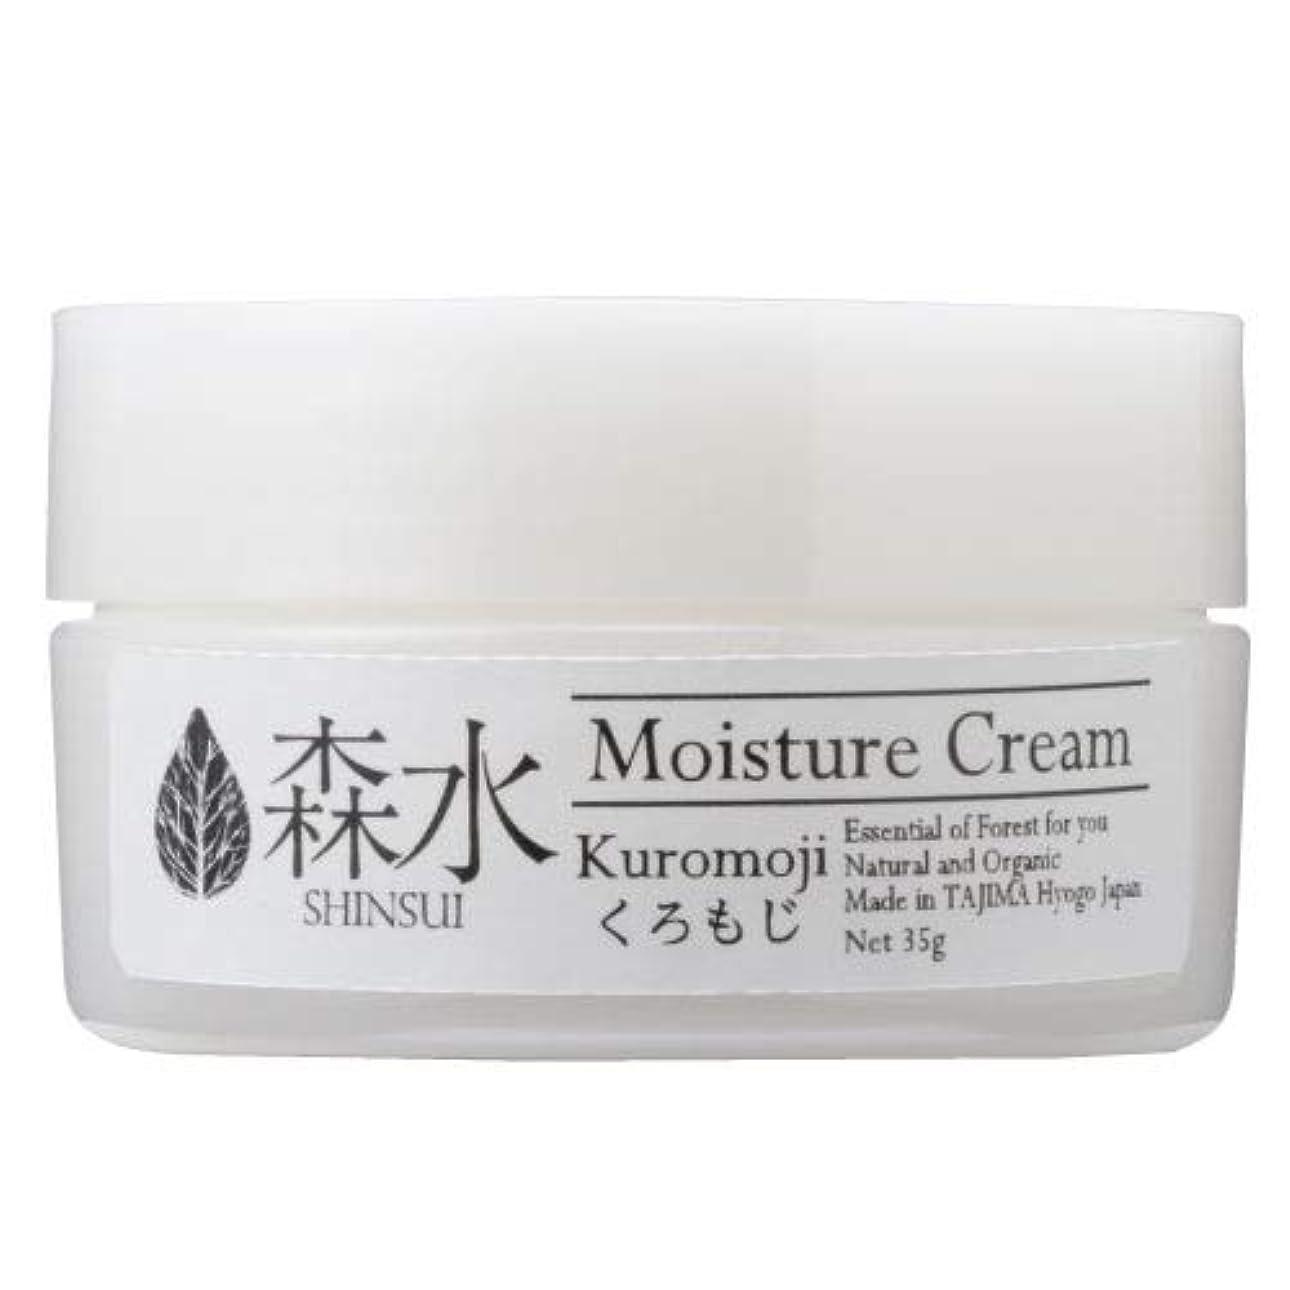 煙突忘れっぽい群れ森水-SHINSUI シンスイ-くろもじクリーム(Kuromoji Moisture Cream)35g